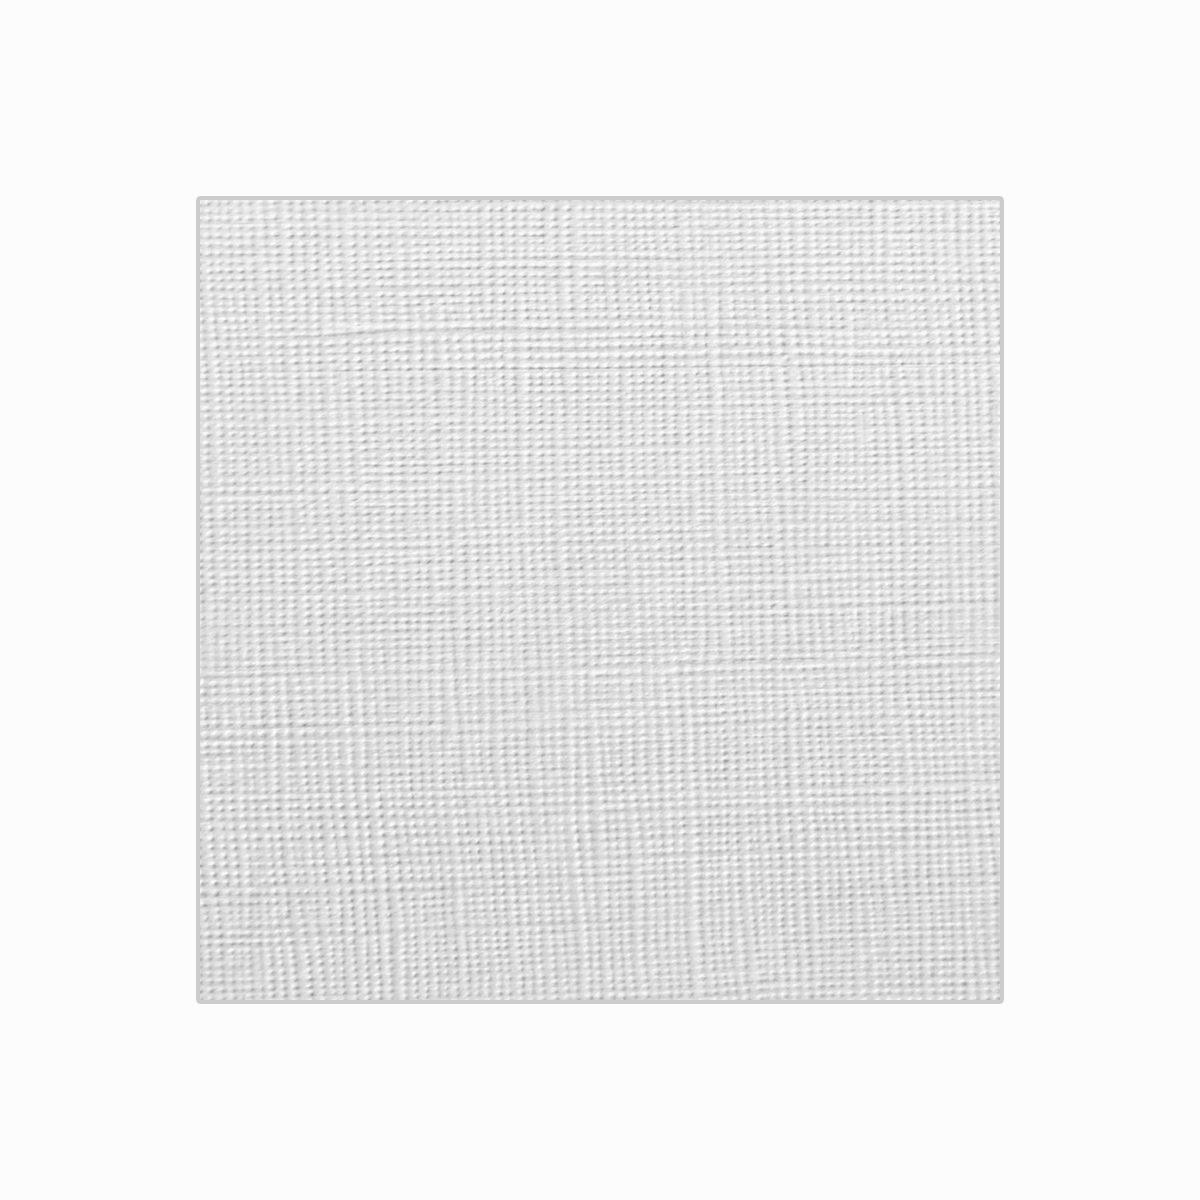 Бумага фактурная Лоза Лен, цвет: белый, 3 листаC0042416Фактурная бумага для скрапбукинга Лоза Лен позволит создать красивый альбом, фоторамку или открытку ручной работы, оформить подарок или аппликацию. Набор включает в себя 3 листа из плотной бумаги.Скрапбукинг - это хобби, которое способно приносить массу приятных эмоций не только человеку, который этим занимается, но и его близким, друзьям, родным. Это невероятно увлекательное занятие, которое поможет вам сохранить наиболее памятные и яркие моменты вашей жизни, а также интересно оформить интерьер дома. Плотность бумаги: 200 г/м2.